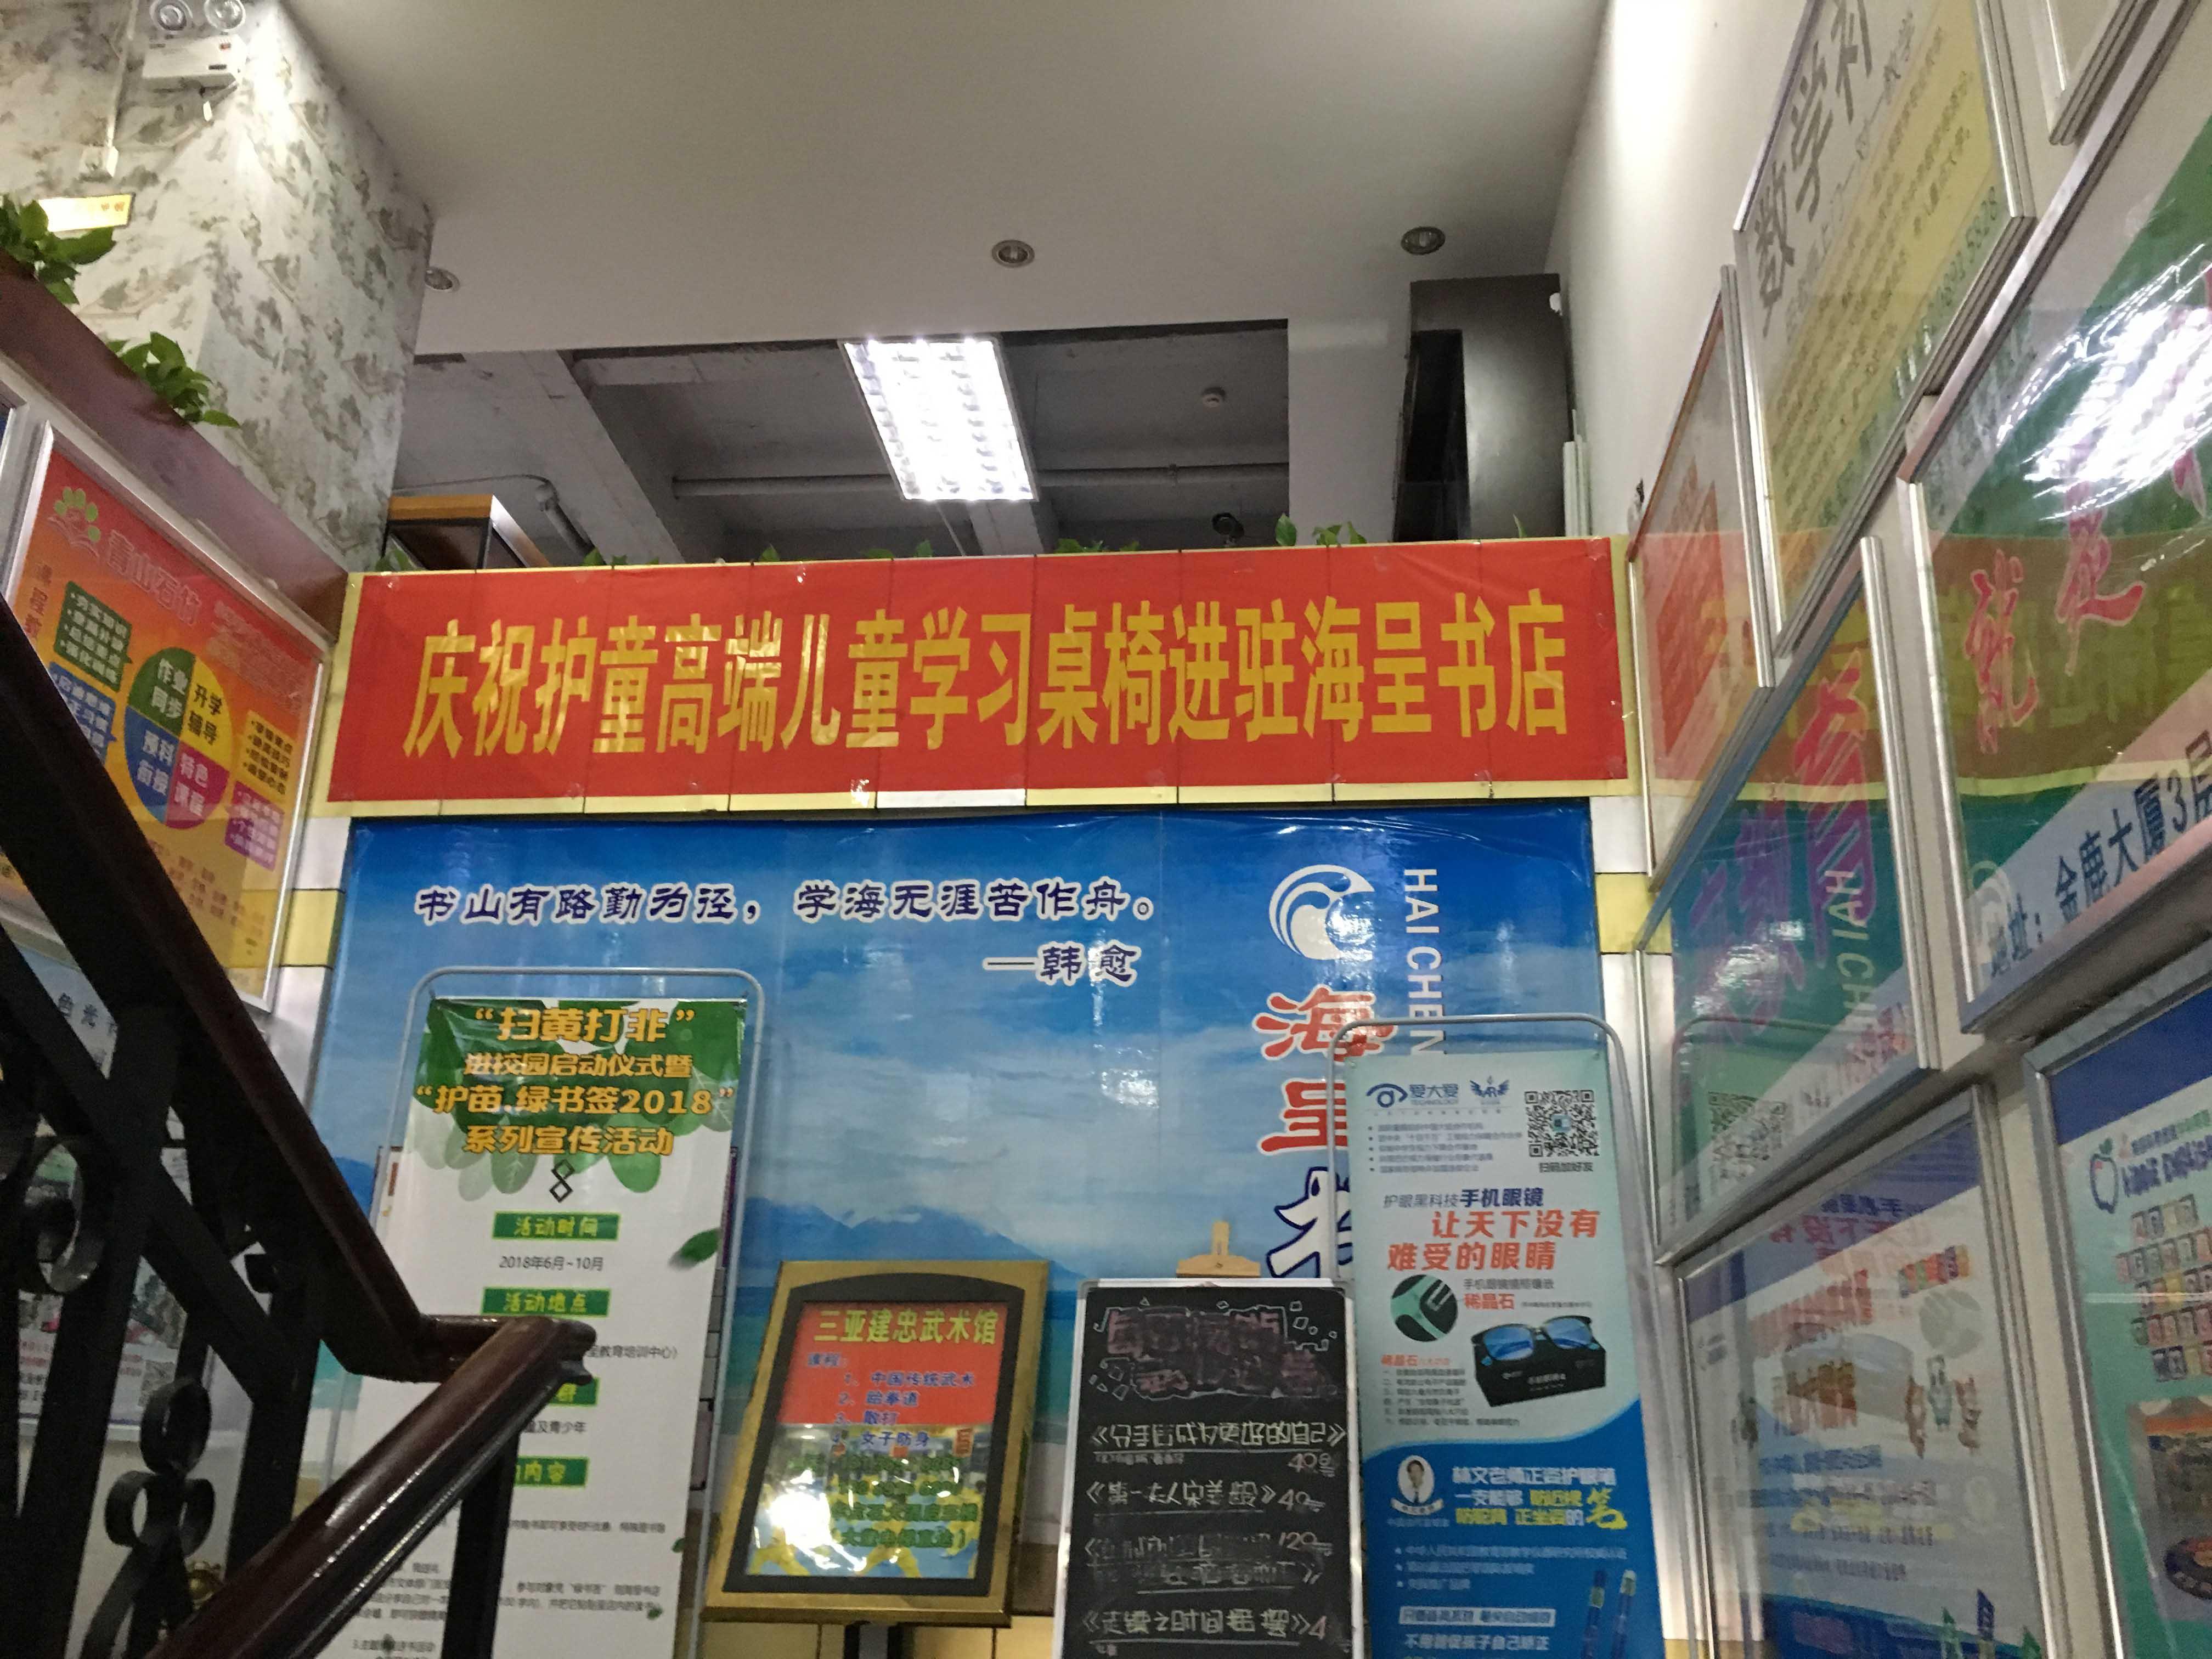 热烈祝贺护童第1425家三亚海呈书店护童专柜盛大开业!